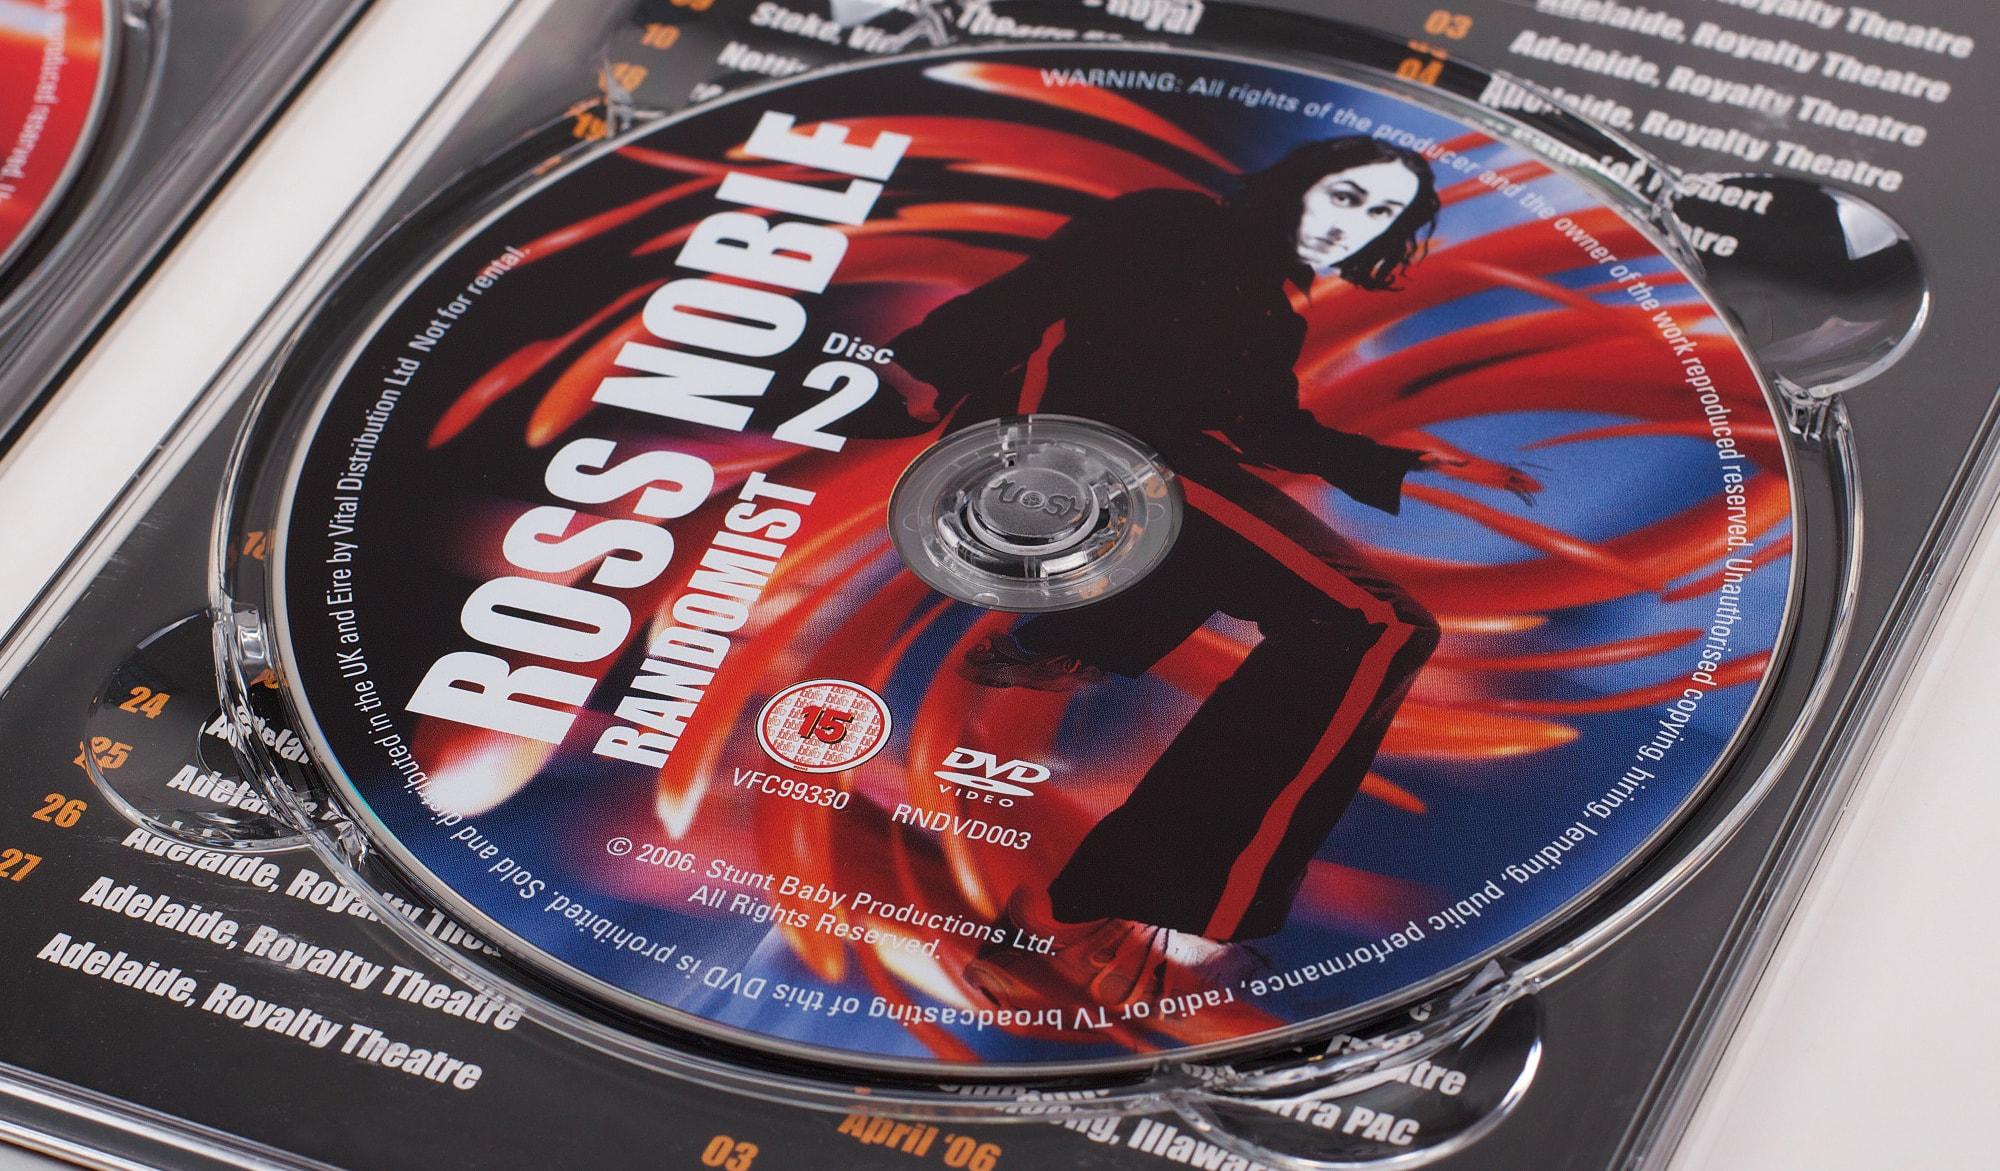 Ross Noble - Randomist - DVD in body